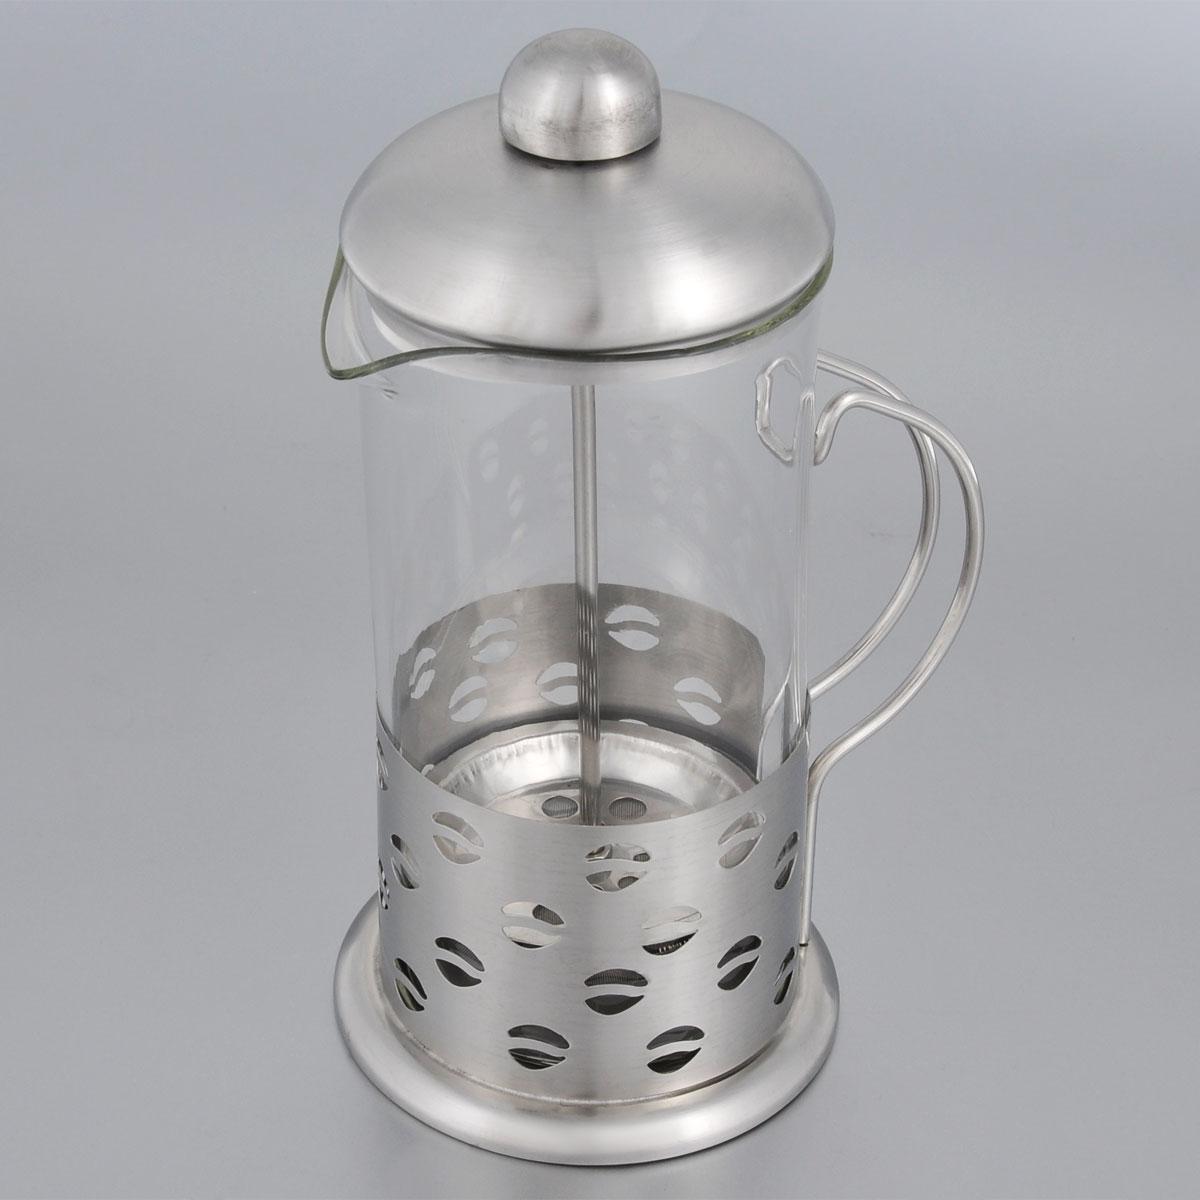 Френч-пресс Bohmann, 600 мл. 9562BH9561BH/NEWФренч-пресс Bohmann используется для заваривания крупнолистового чая, кофе среднего помола, травяных сборов. Изготовлен из высококачественной нержавеющей стали и термостойкого стекла, выдерживающего высокую температуру, что придает ему надежность и долговечность. Френч-пресс Bohmann незаменим для любителей чая и кофе. Можно мыть в посудомоечной машине. Объем: 600 мл. Высота (с учетом крышки): 21 см. Диаметр (по верхнему краю): 9 см.